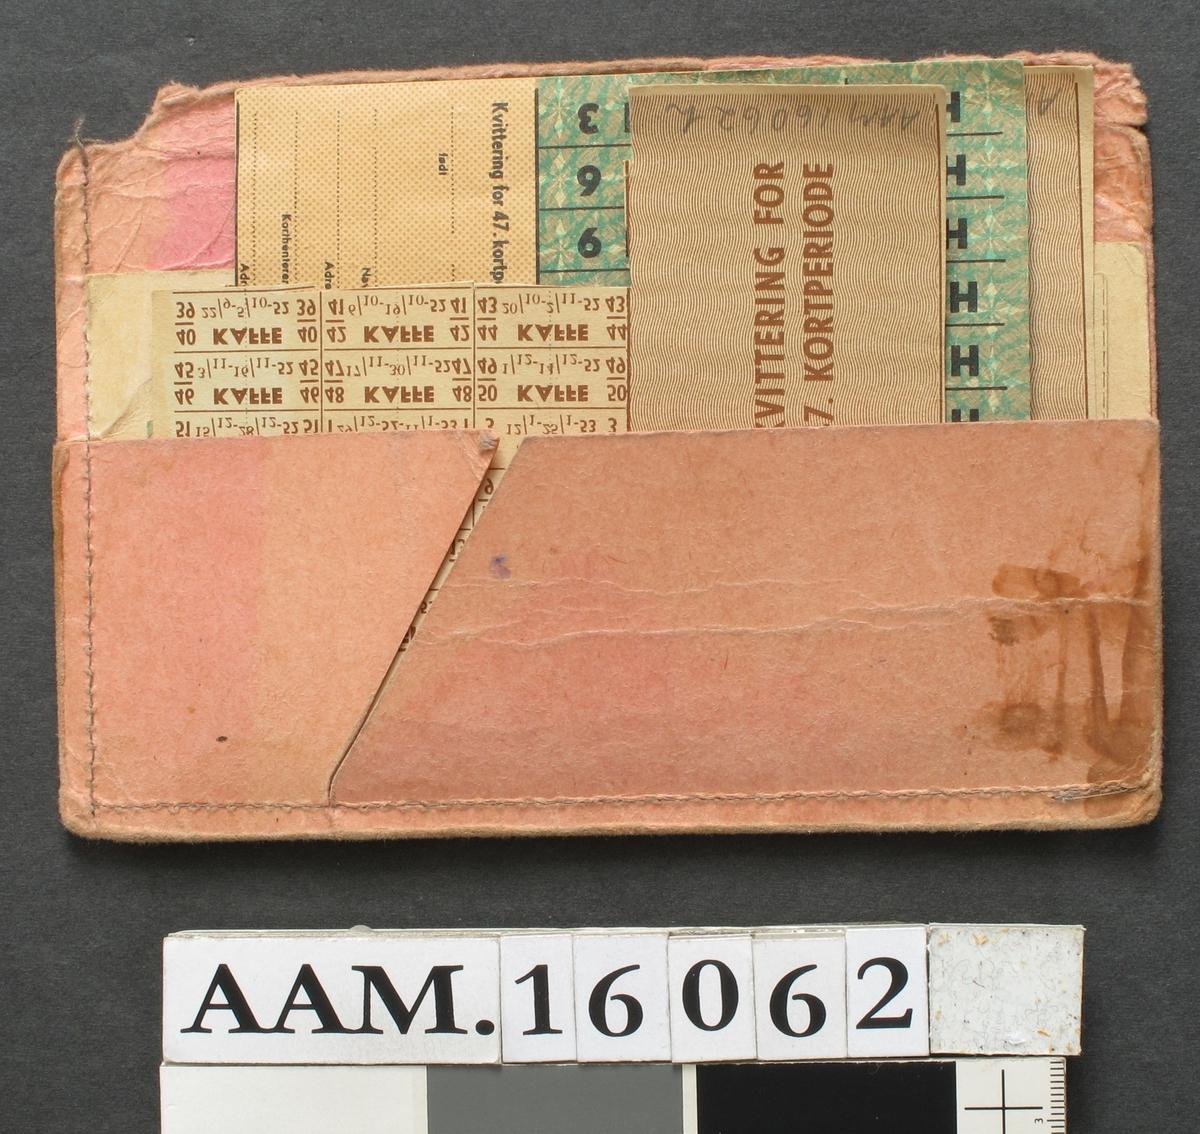 Mappe med   rasjoneringskort,  under og etter krigen 1940-45,   Rosa papirmappe, den ene halvdel avslitt, 17,4 x 12.  Inneholder: 3 tekstilkort, 4. kortutdeling, for Knut Engh,  Bibbi Engh, Brit Engh.  Strømpekort,2 stk. for kvinner over 14  år.   Rasjoneringskort for matvarer, 3 stk.  Hovedkort for 46. kortperiode.   Ekstrakort for 46. kortpeiode.  (også grenseboerbeviset lå i mappen)